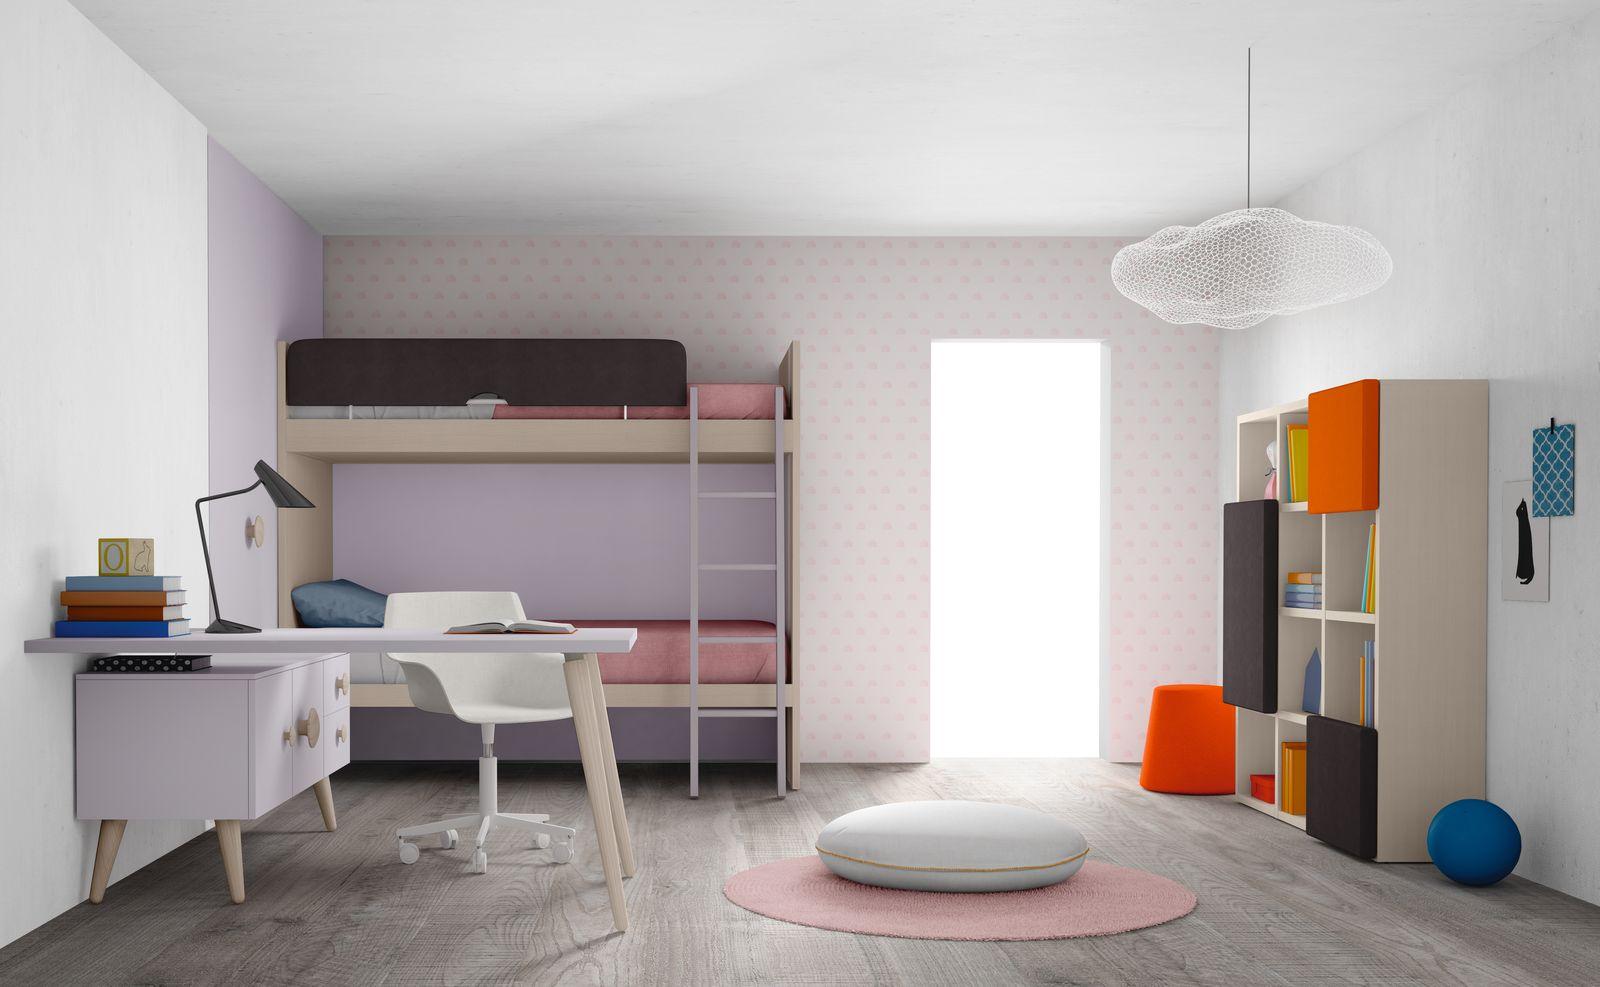 Mooie Kinder Slaapkamers : Maatwerk kinderslaapkamers tienerslaapkamers kasten woonkamers